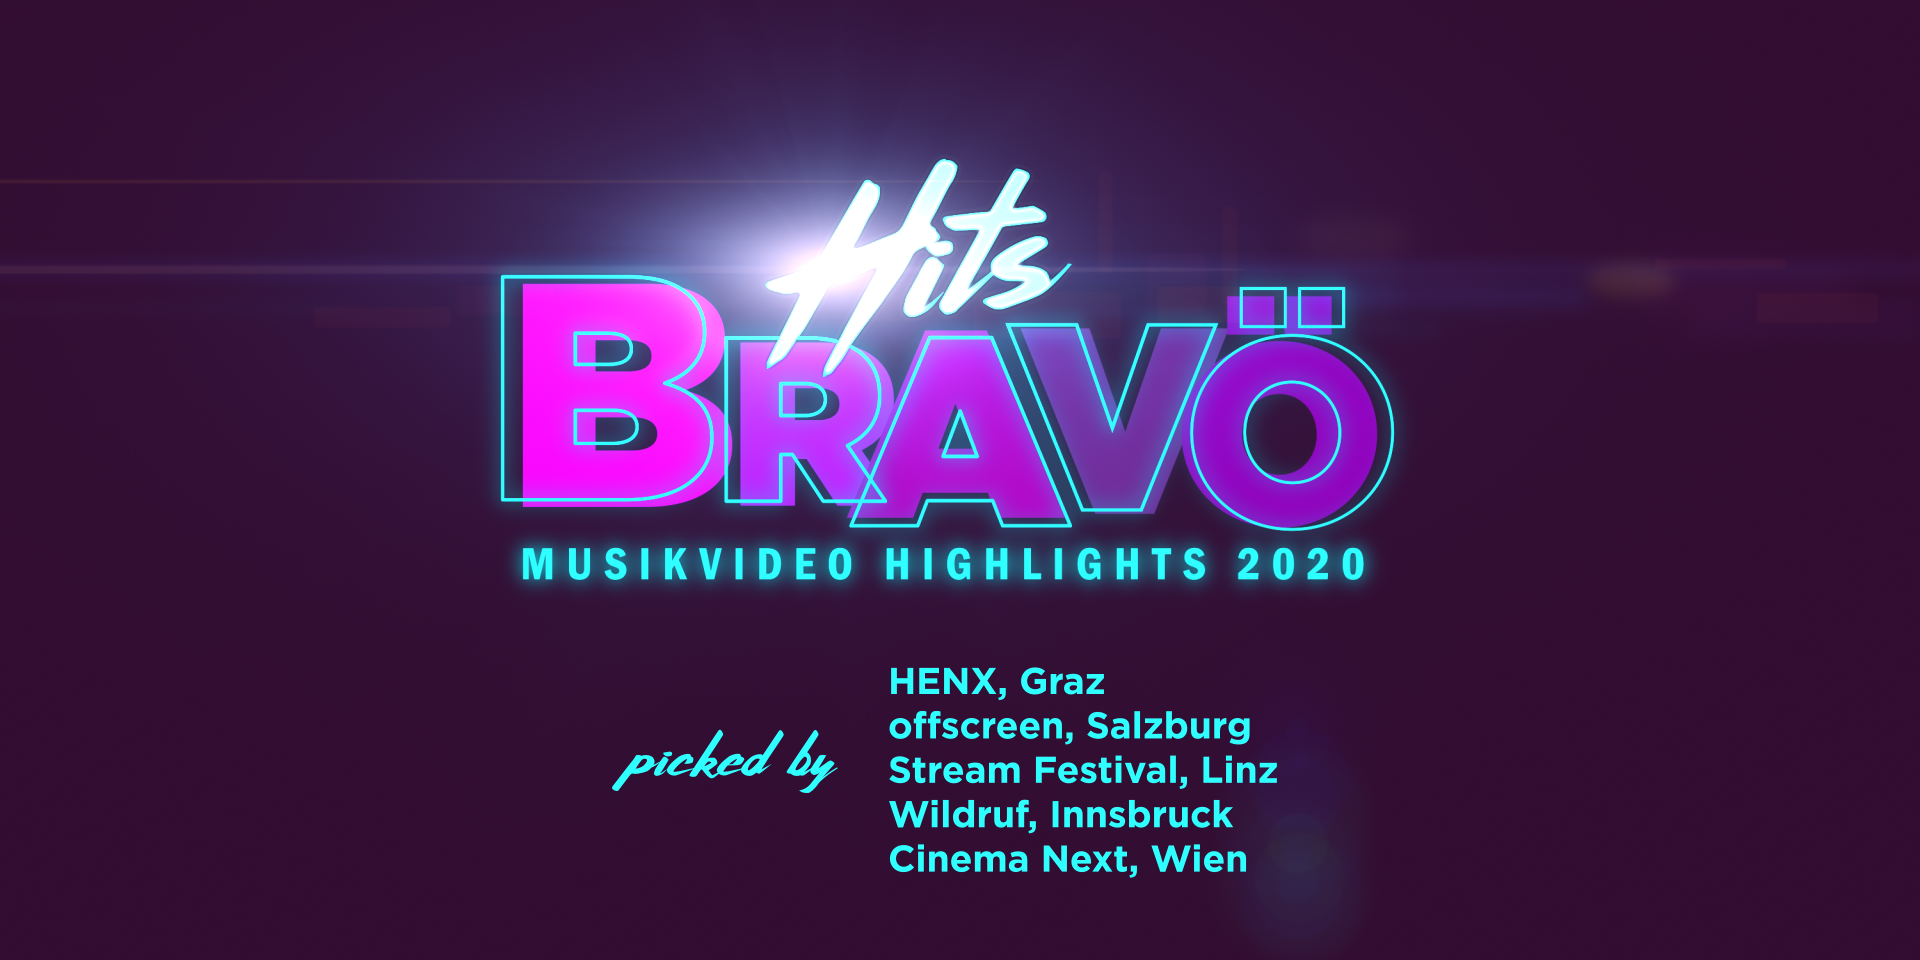 BRAVÖ HITS 2020